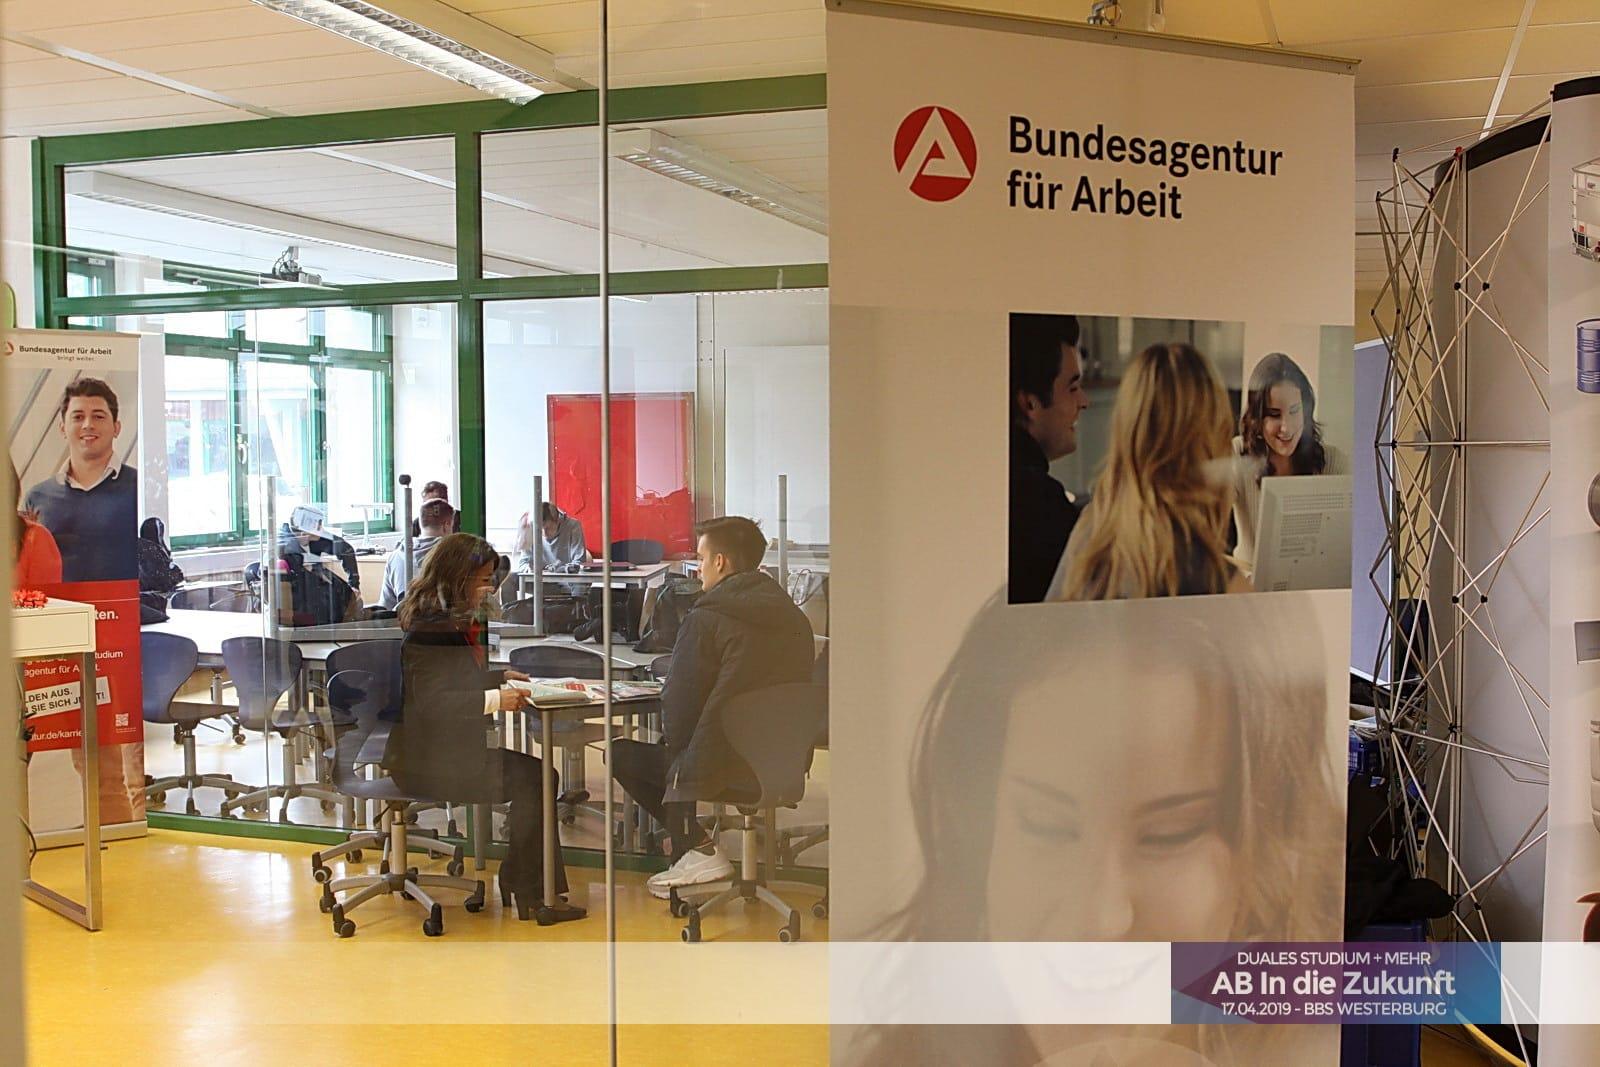 Bundesagentur für Arbeit - AB In die Zukunft - Ausbildungs- und Studieninformationen aus erster Hand - BBS Westerburg